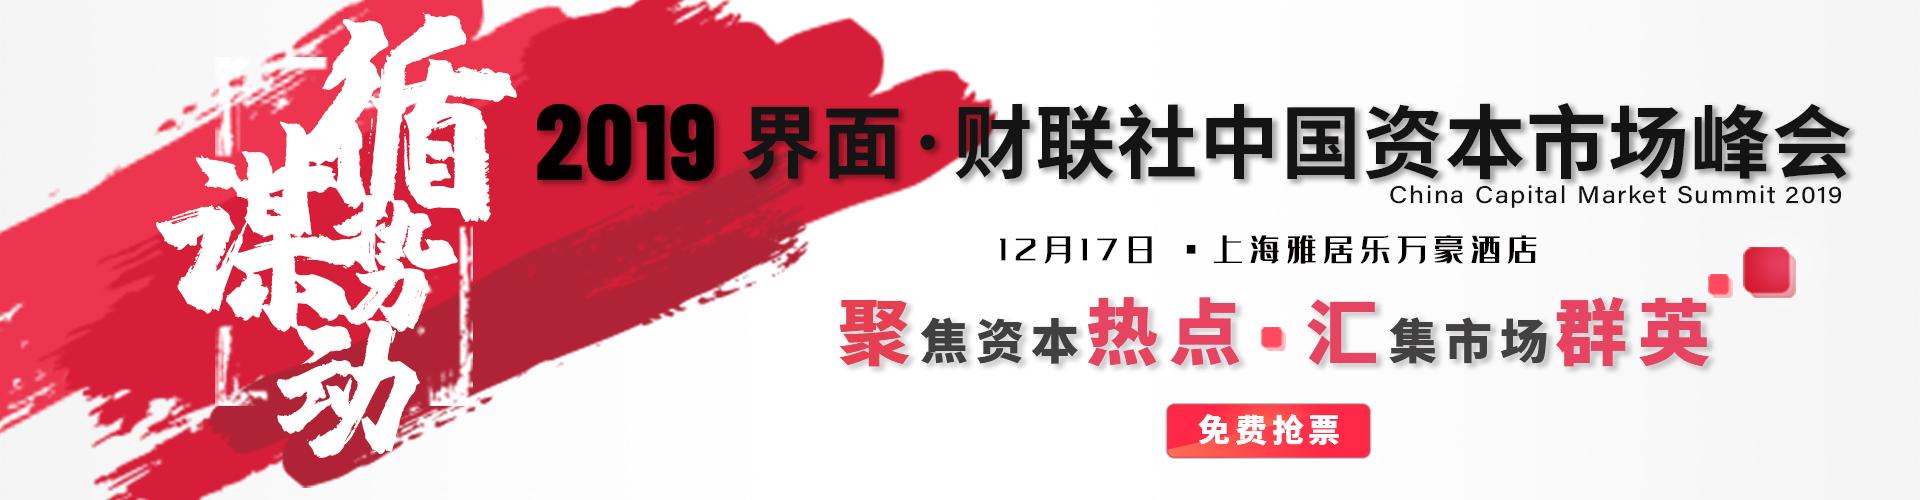 『循势●谋动』2019界面●财联社中国资本市场峰会